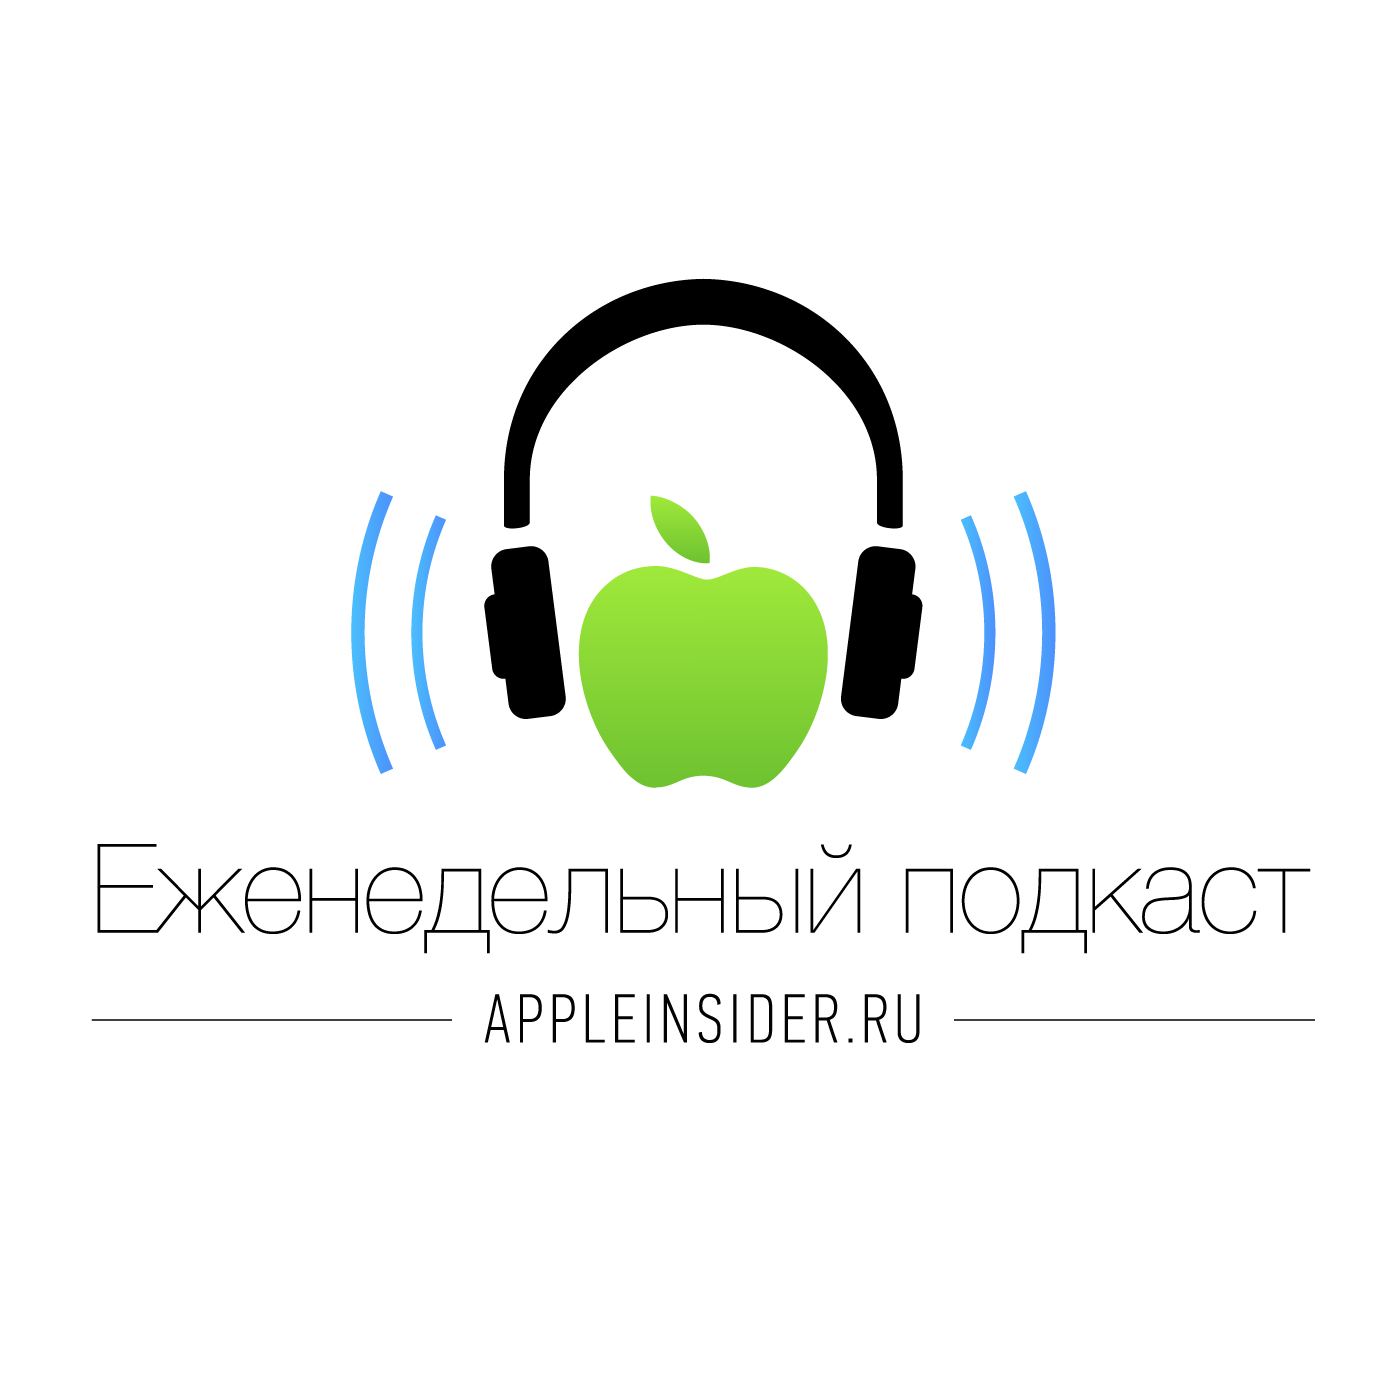 Миша Королев iOS 9.3.2 миша королев впечатления от iphone se и ipad pro 2016